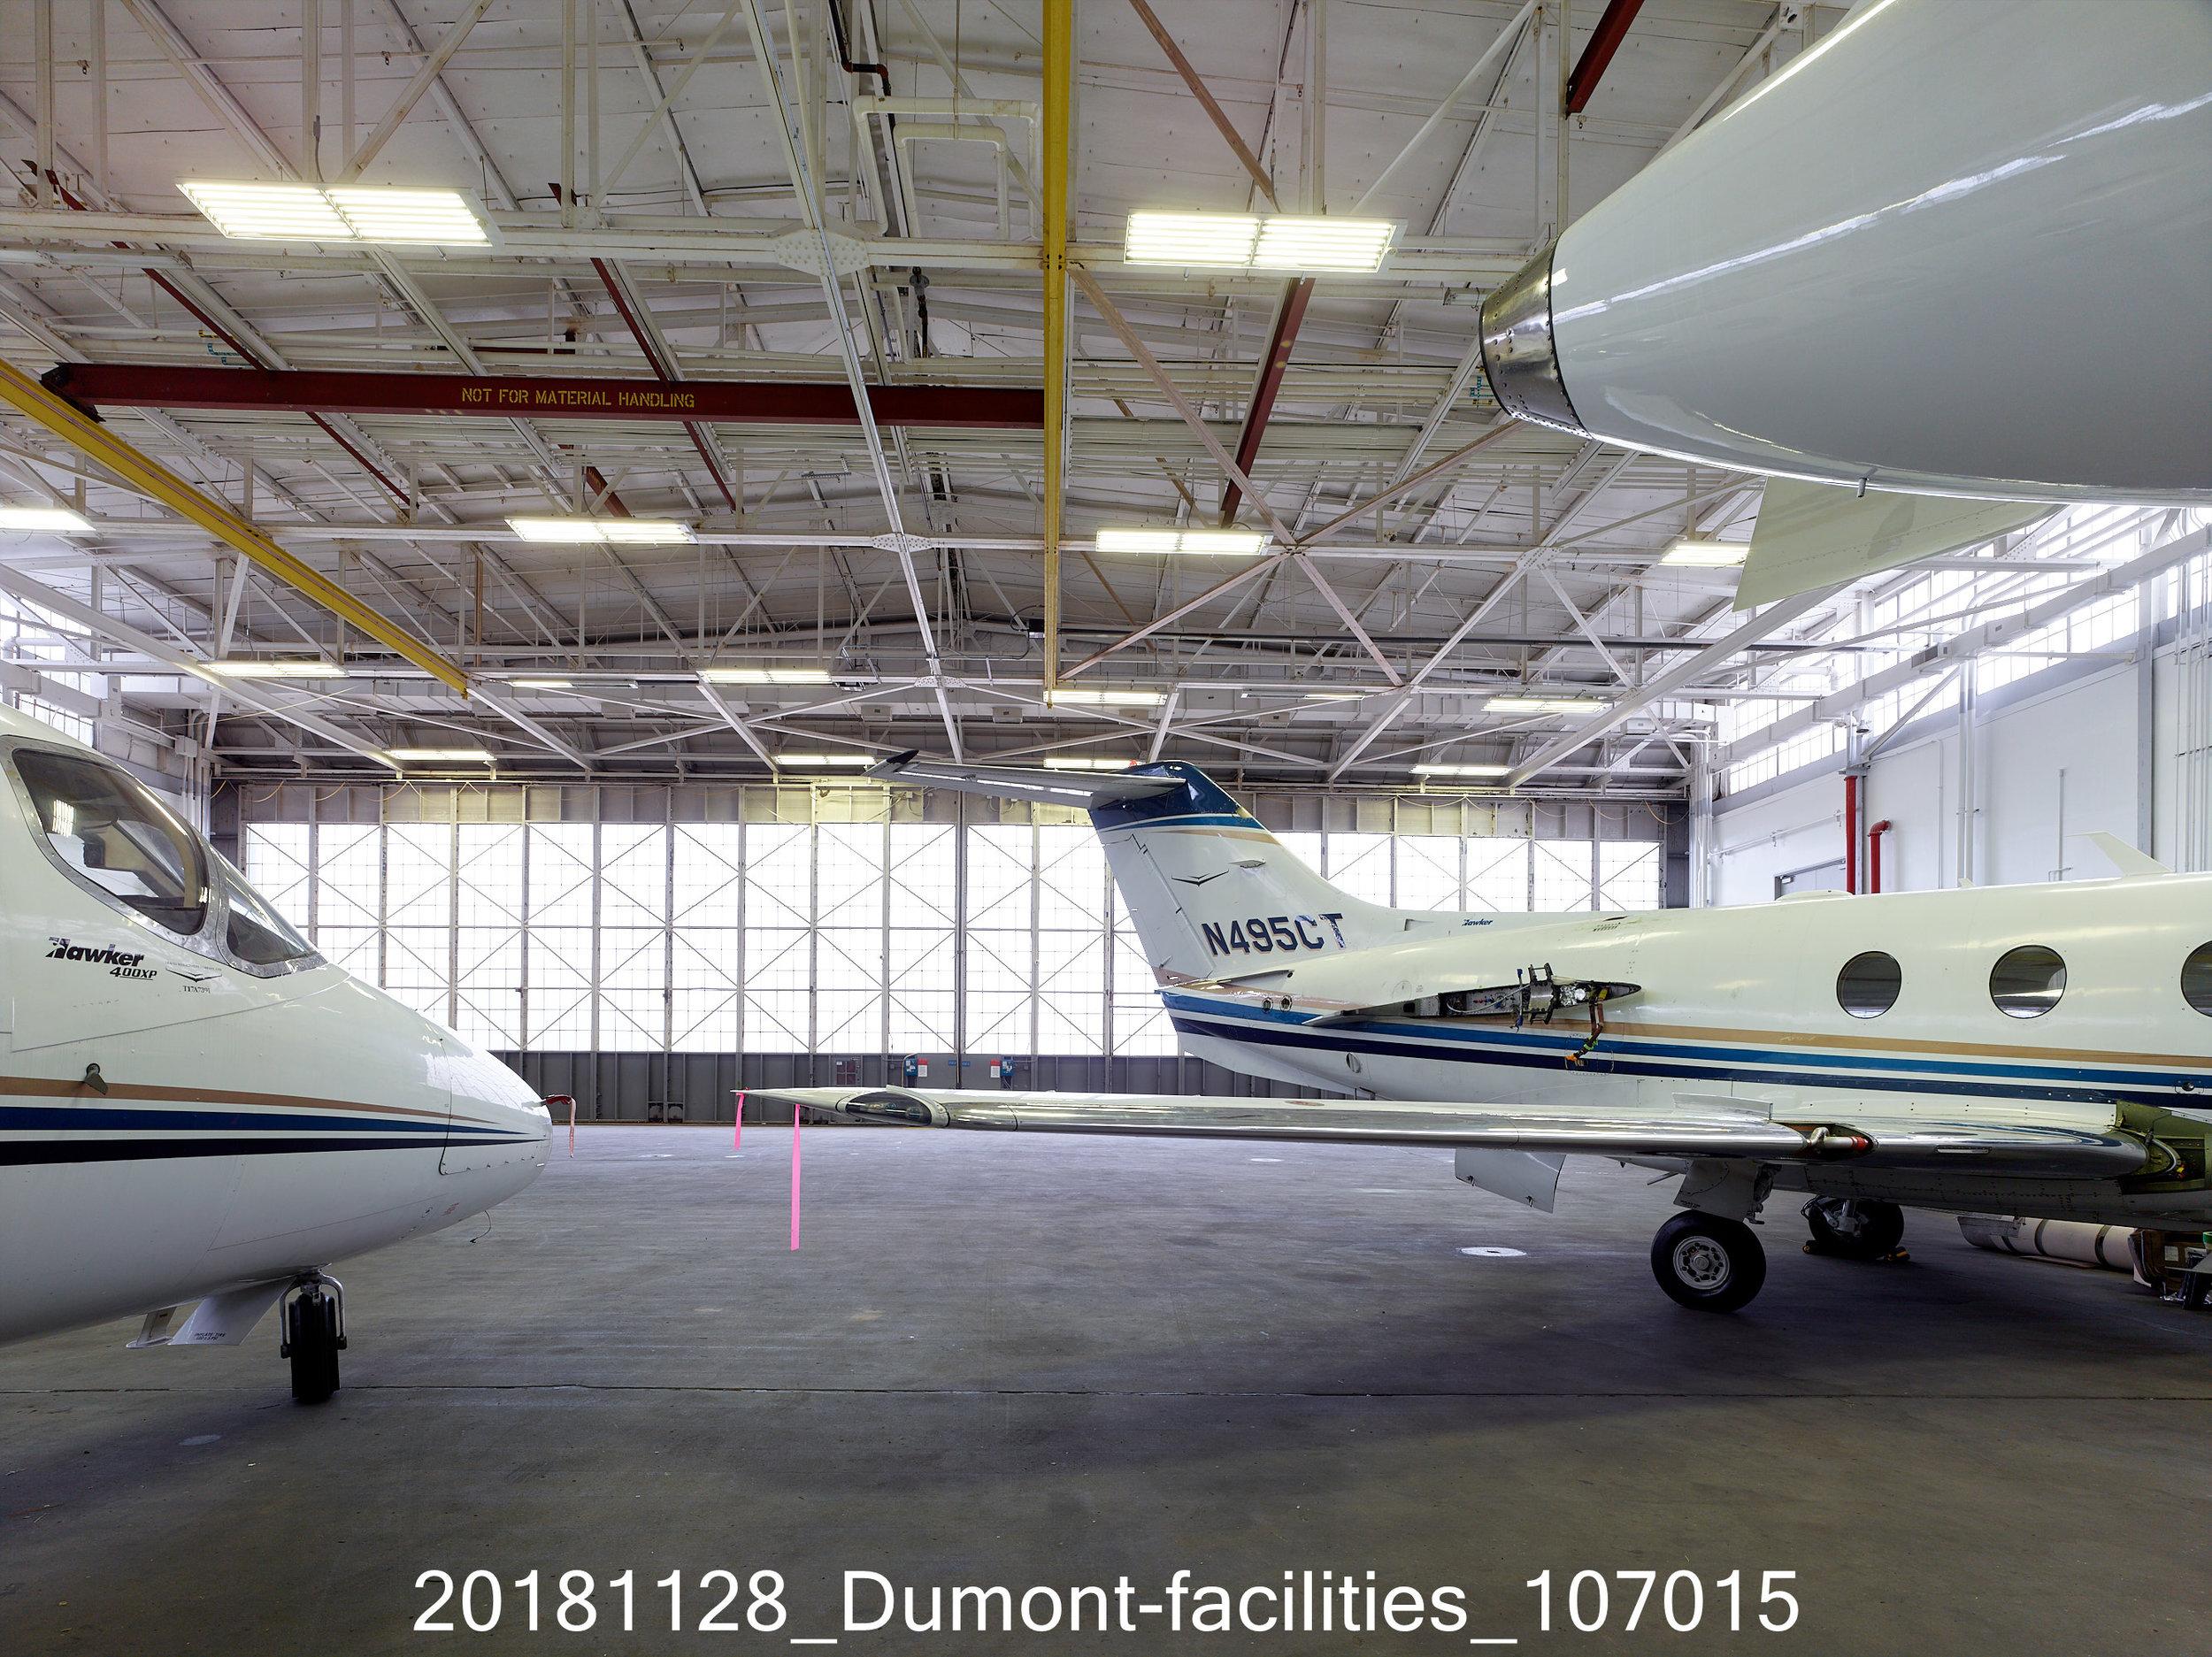 20181128_Dumont-facilities_107015.jpg